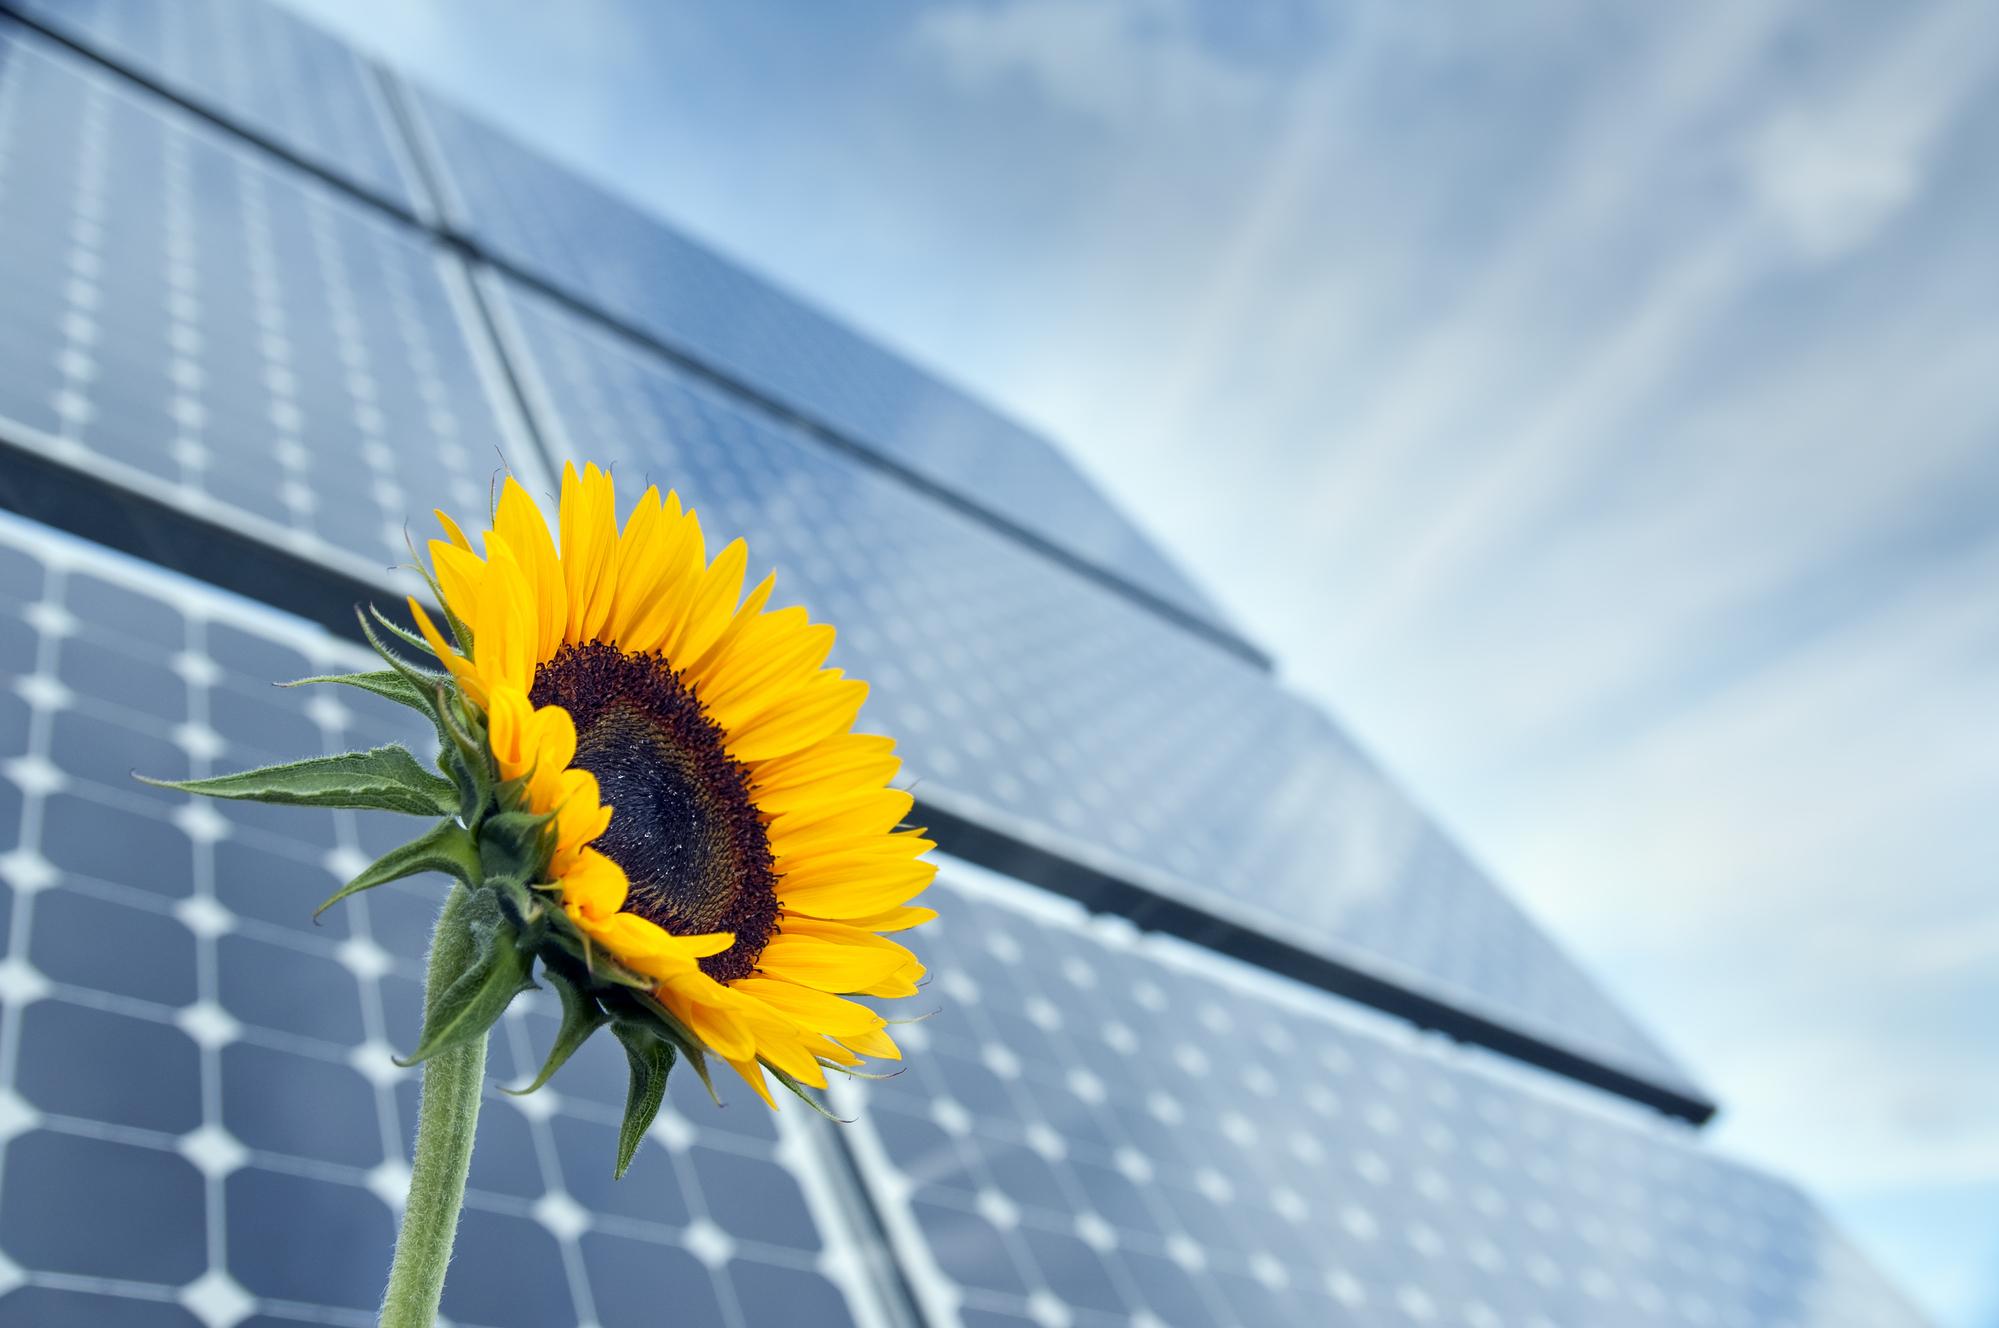 agrivoltaico sostenibile